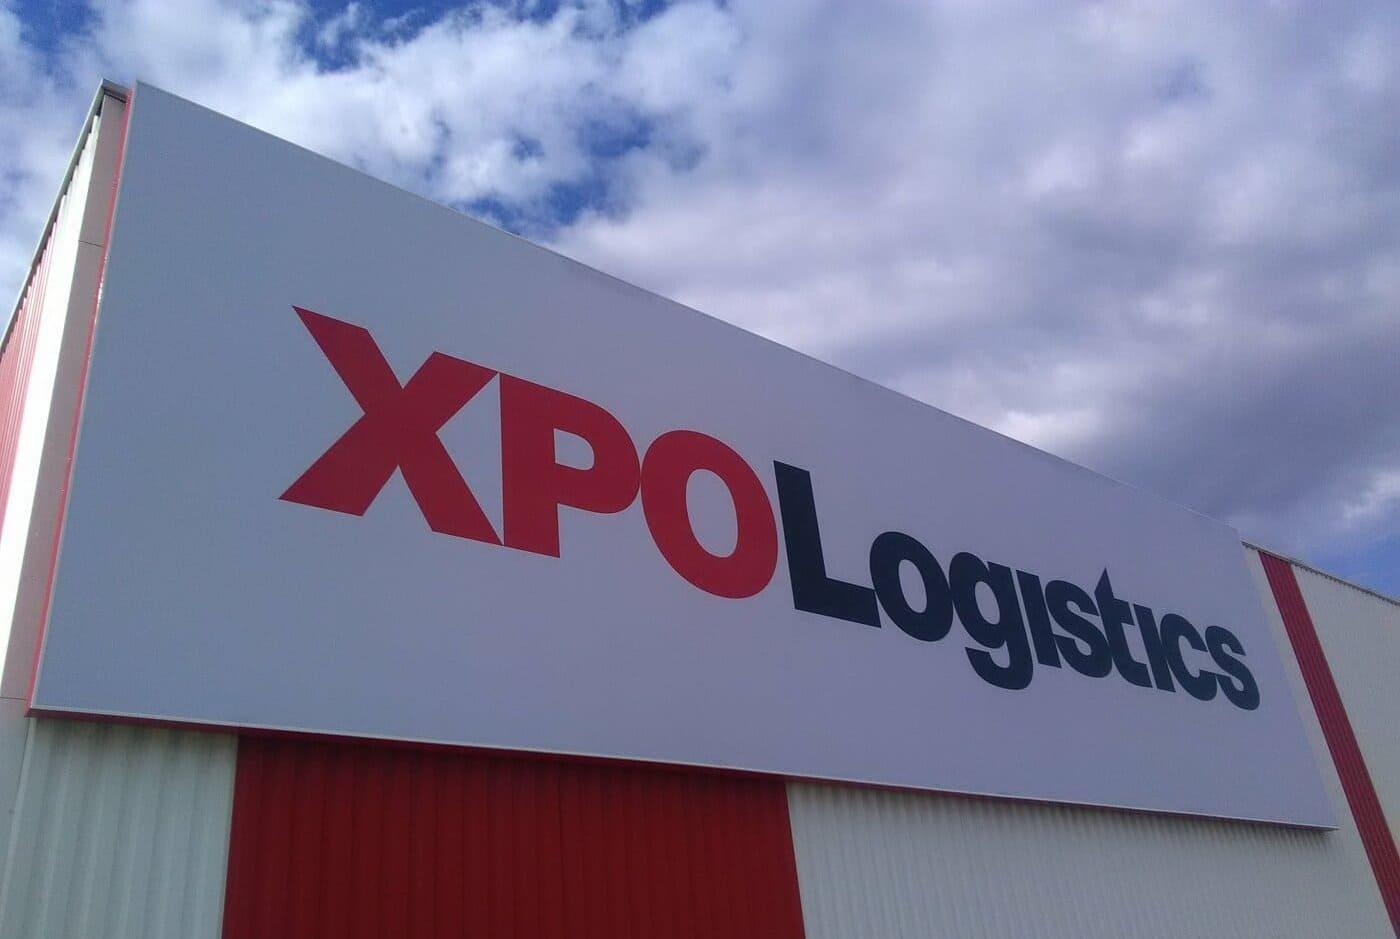 fabrication-et-pose-multisite-enseignes-entrepots_xpo-logistics_par-visio